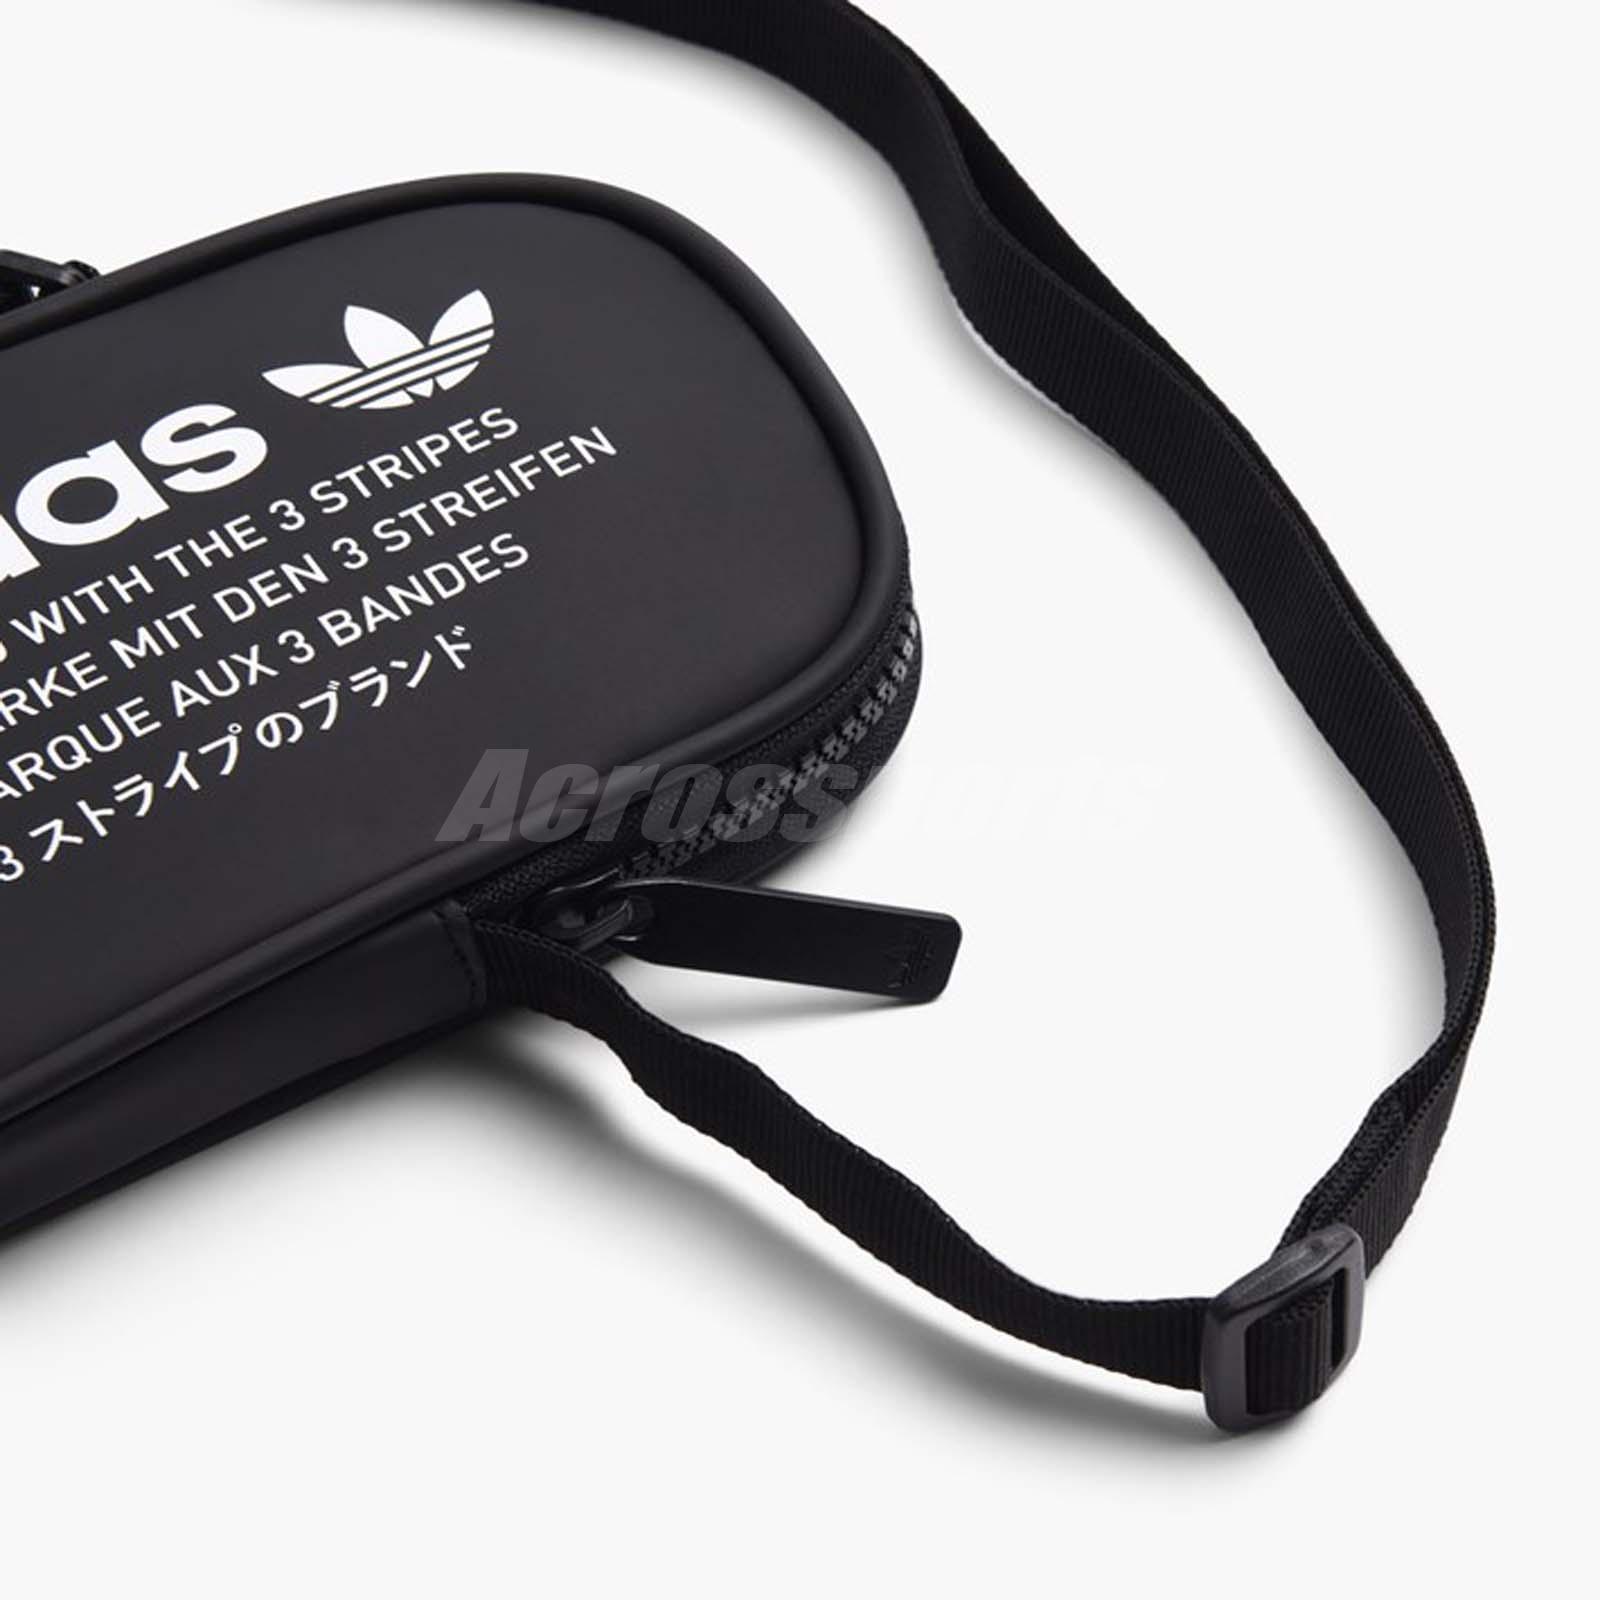 48e1a756f6 adidas Originals NMD Pouch Bag Smartphone Keys Cash Pocket Black ...